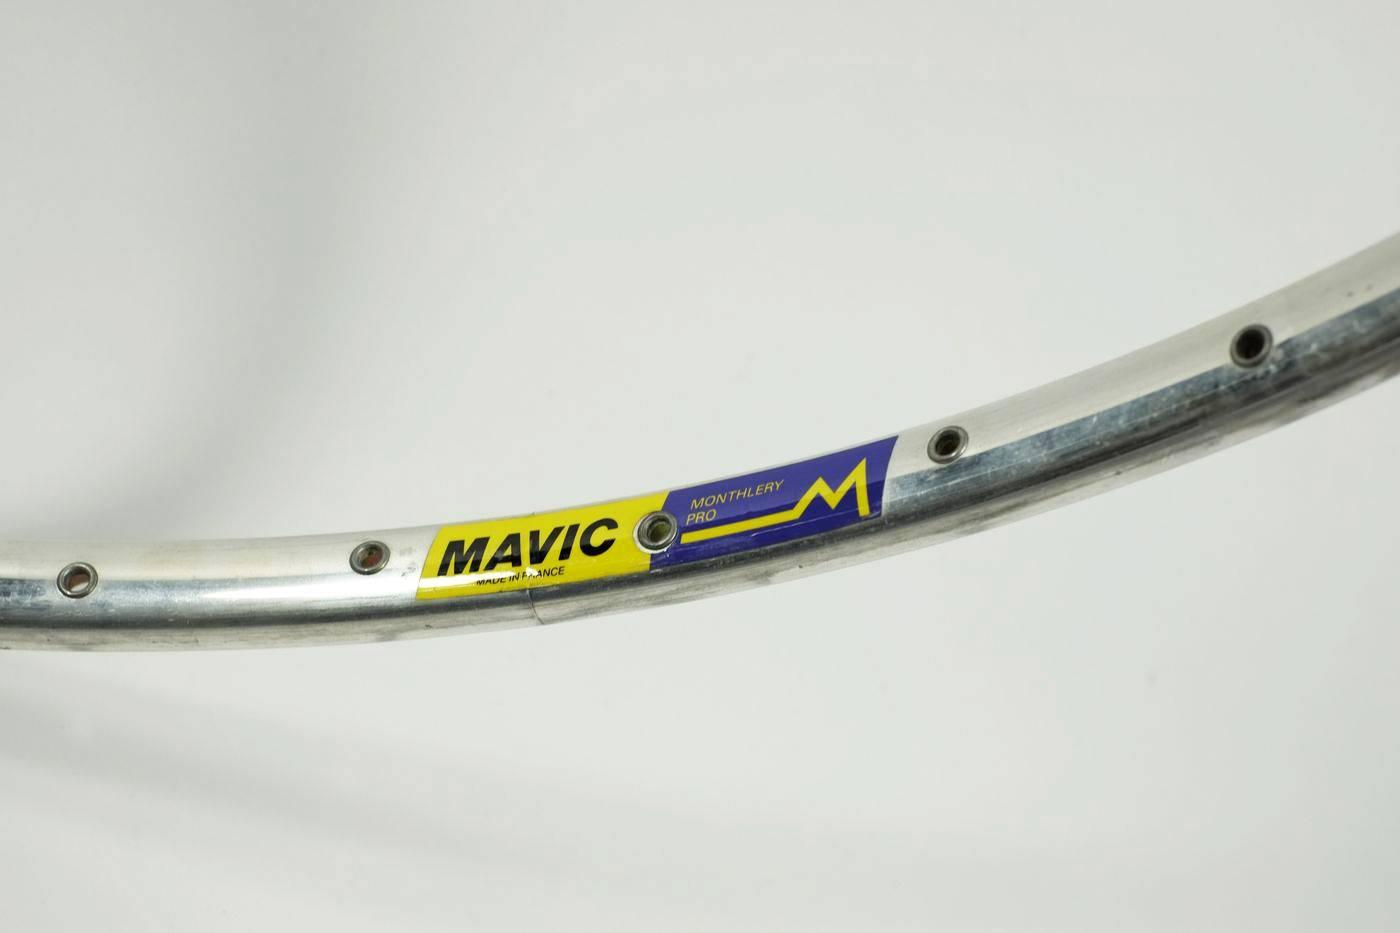 Mavic Monthlery Pro cerchioni *36 fori*